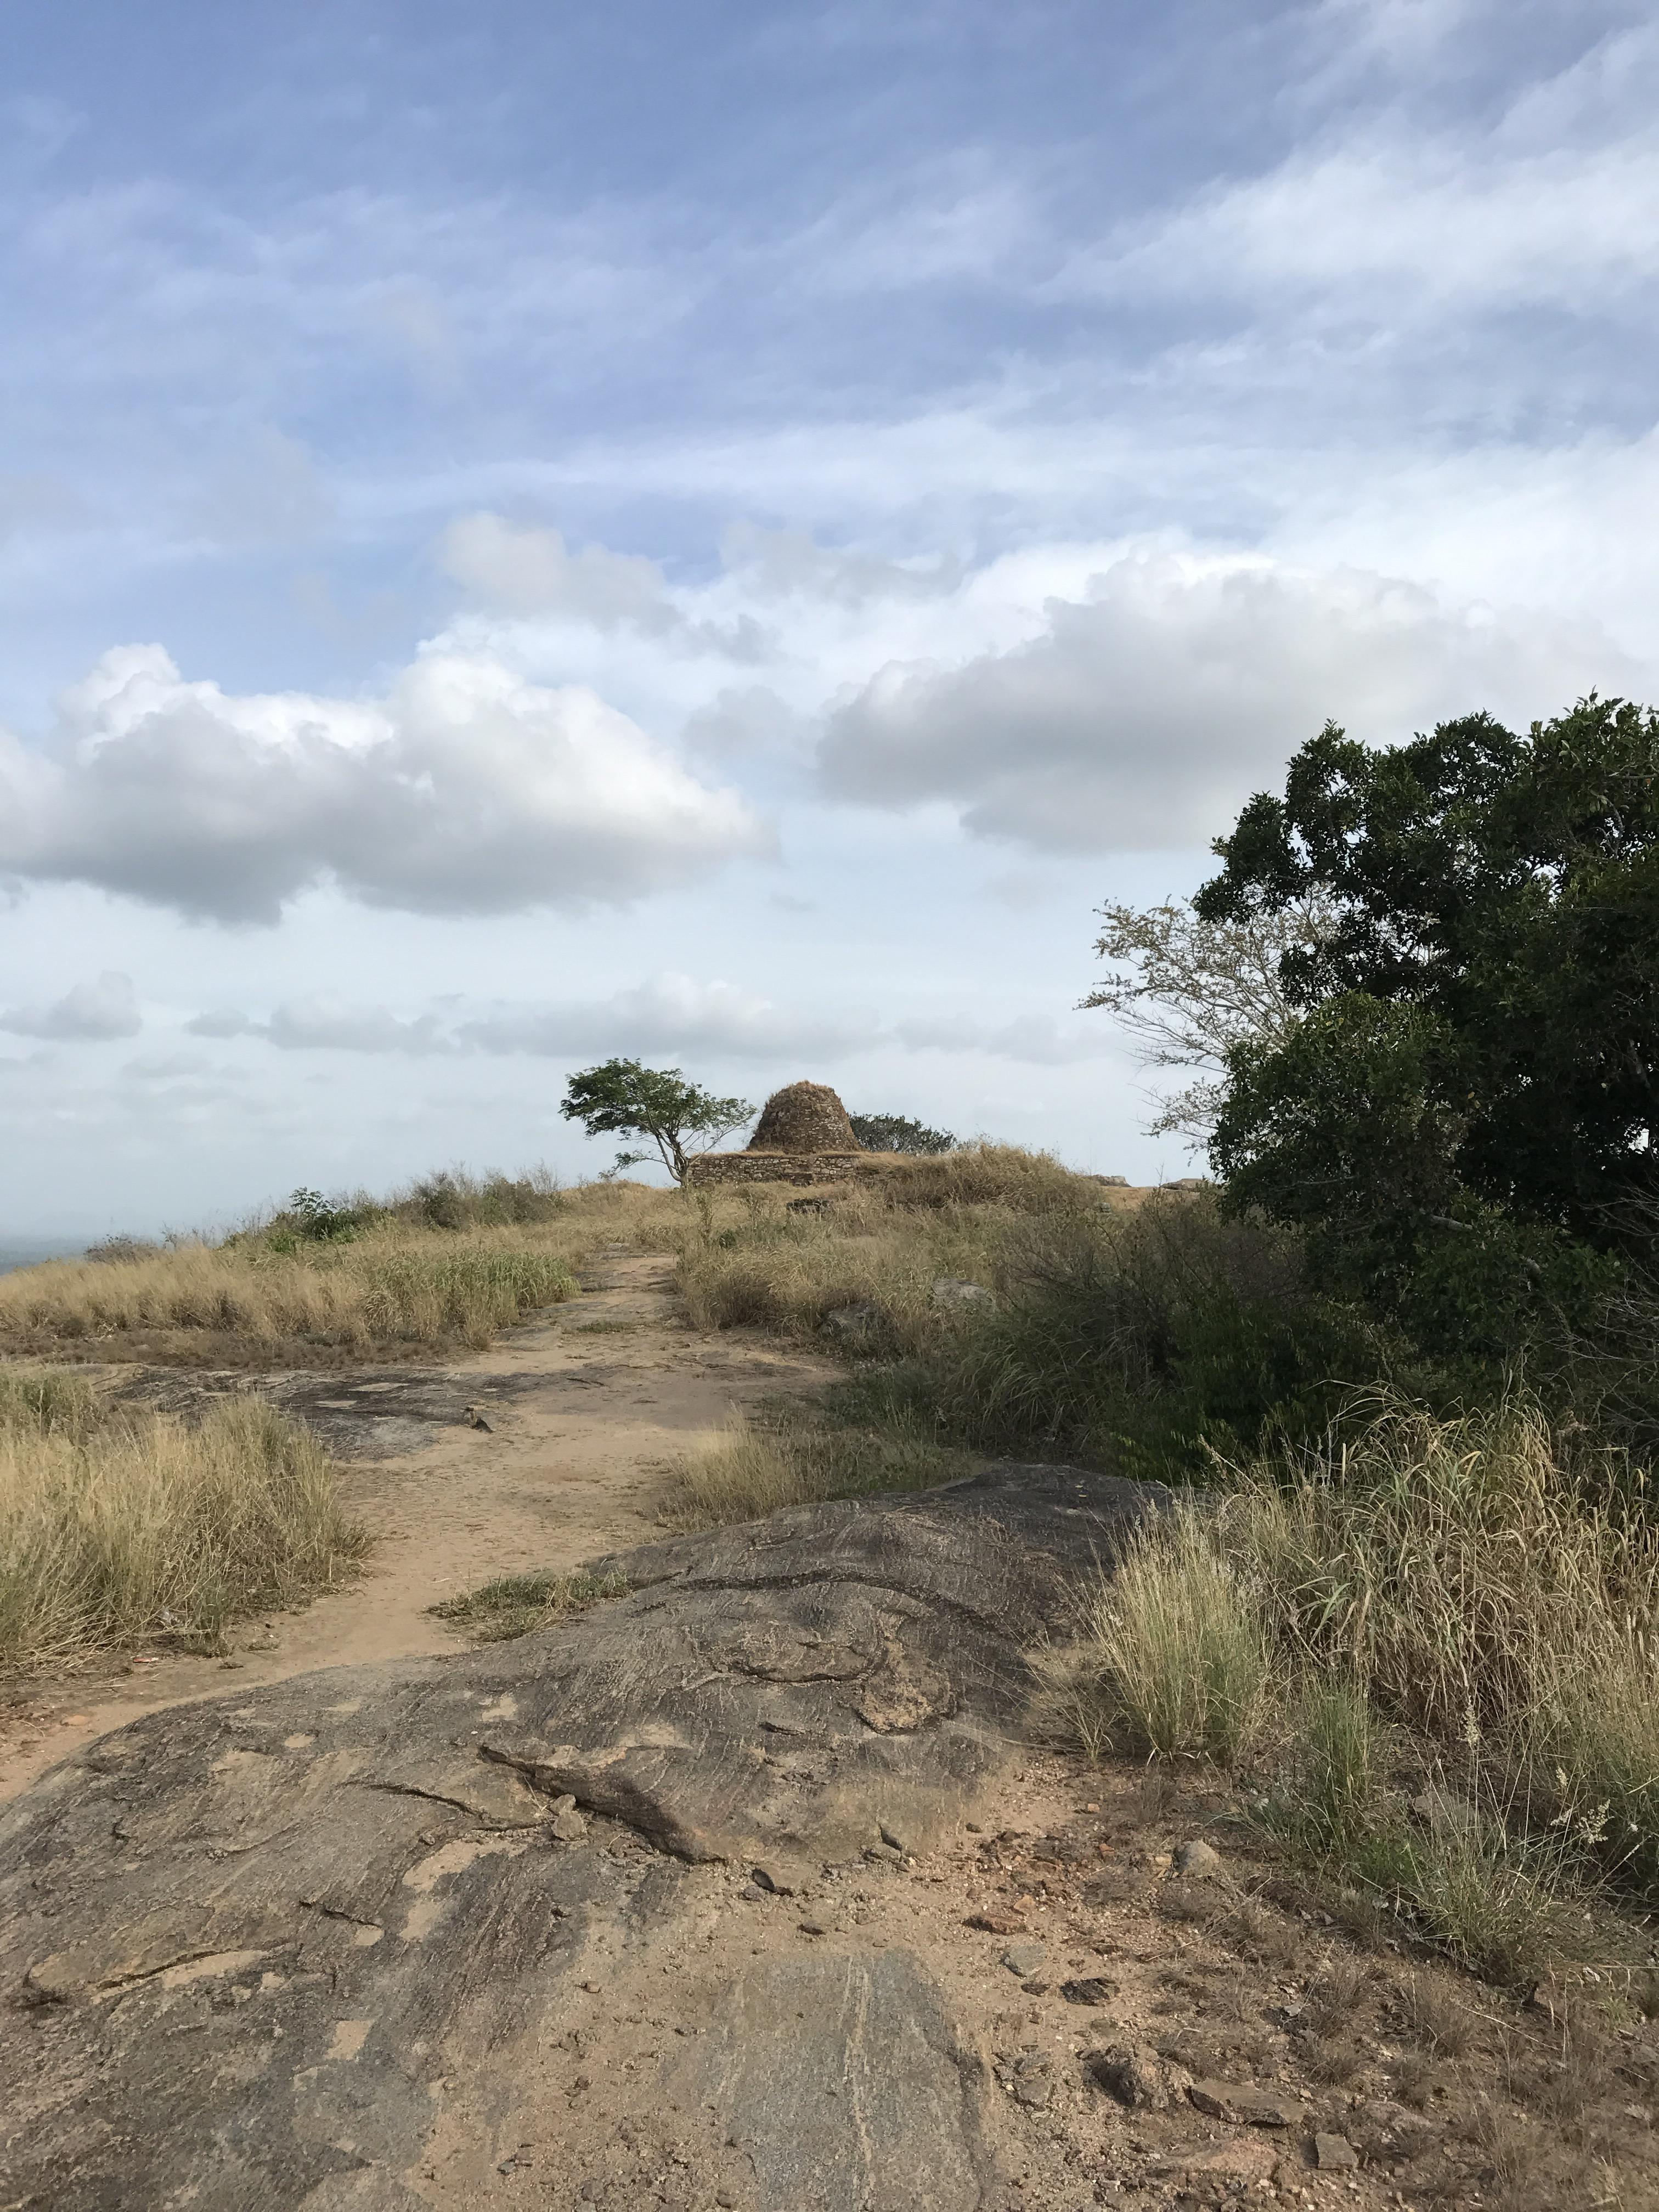 Scenes from Sri Lanka